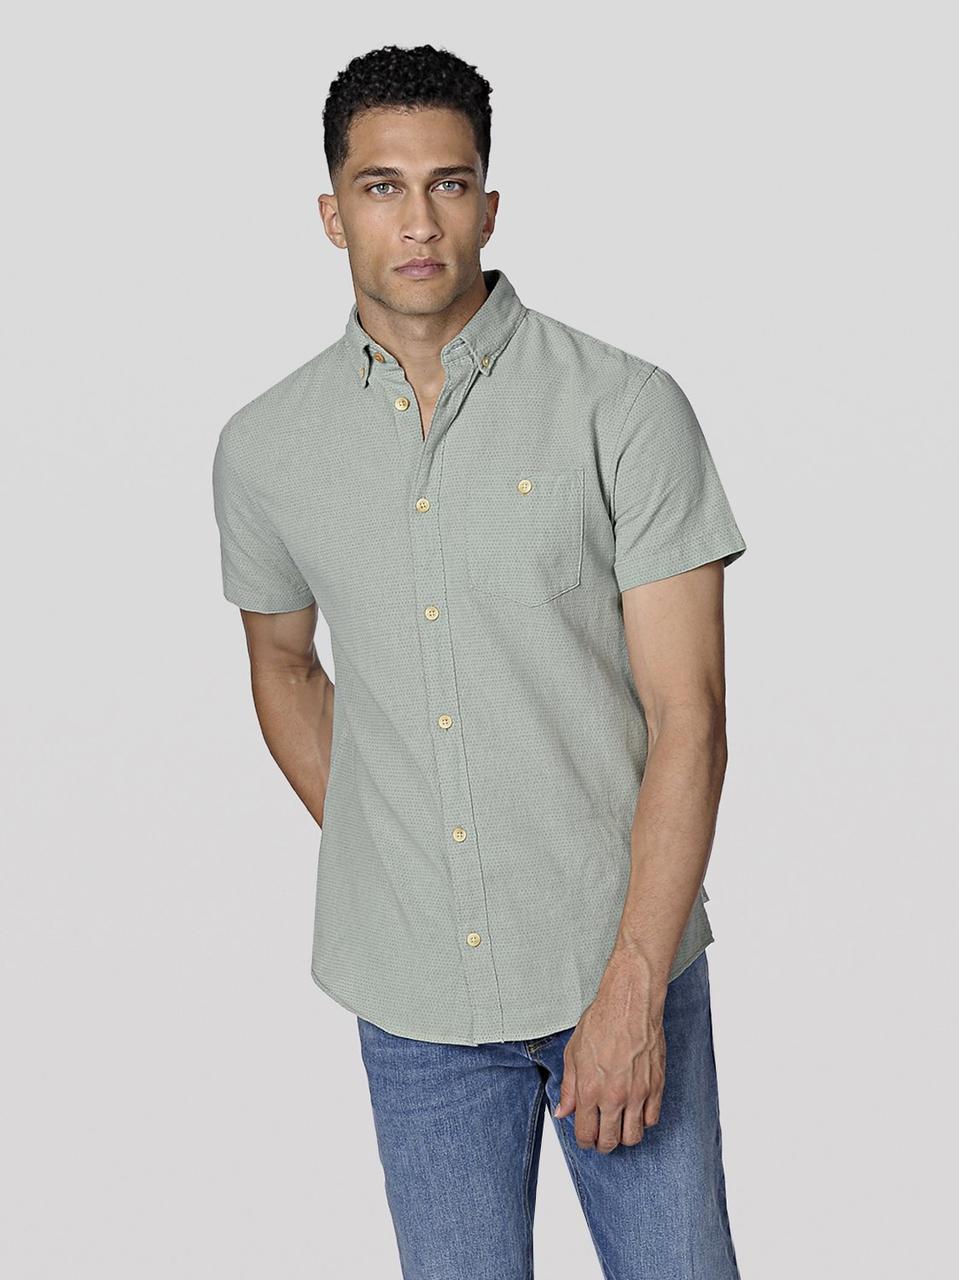 Мужская рубашка бирюзовая Jorportland Shirt One Pocket Plus Size от Jack & Jones в размере 5XL